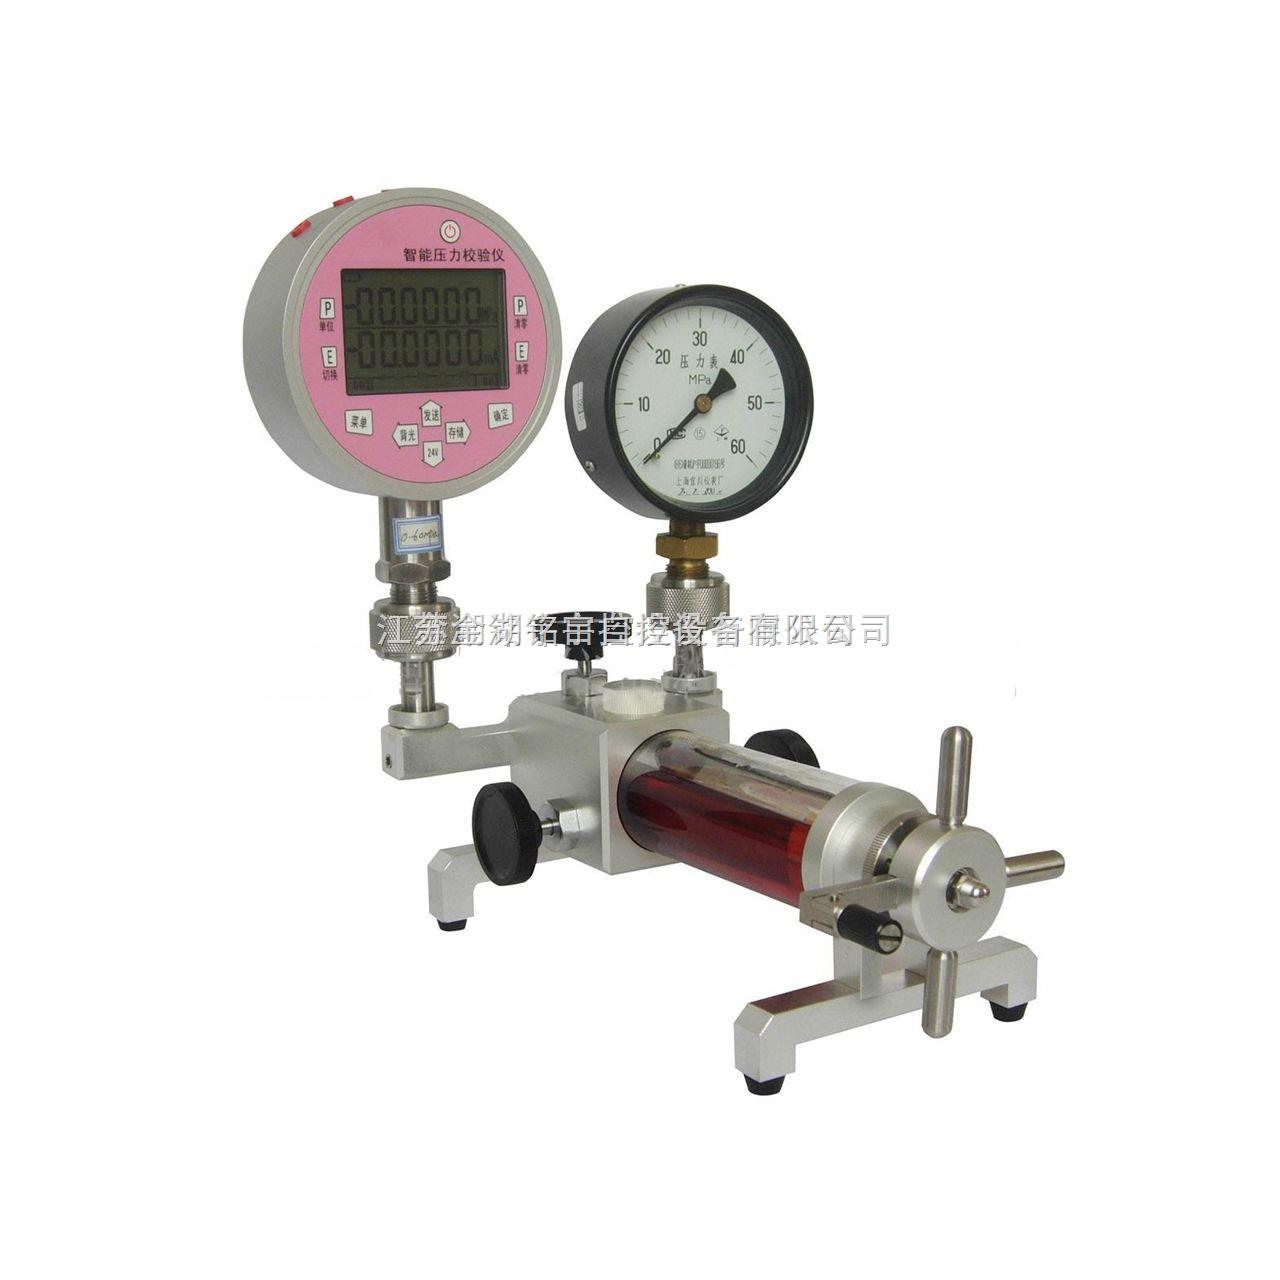 現場解決手持式壓力泵泄漏方法-金湖銘宇自控設備有限公司